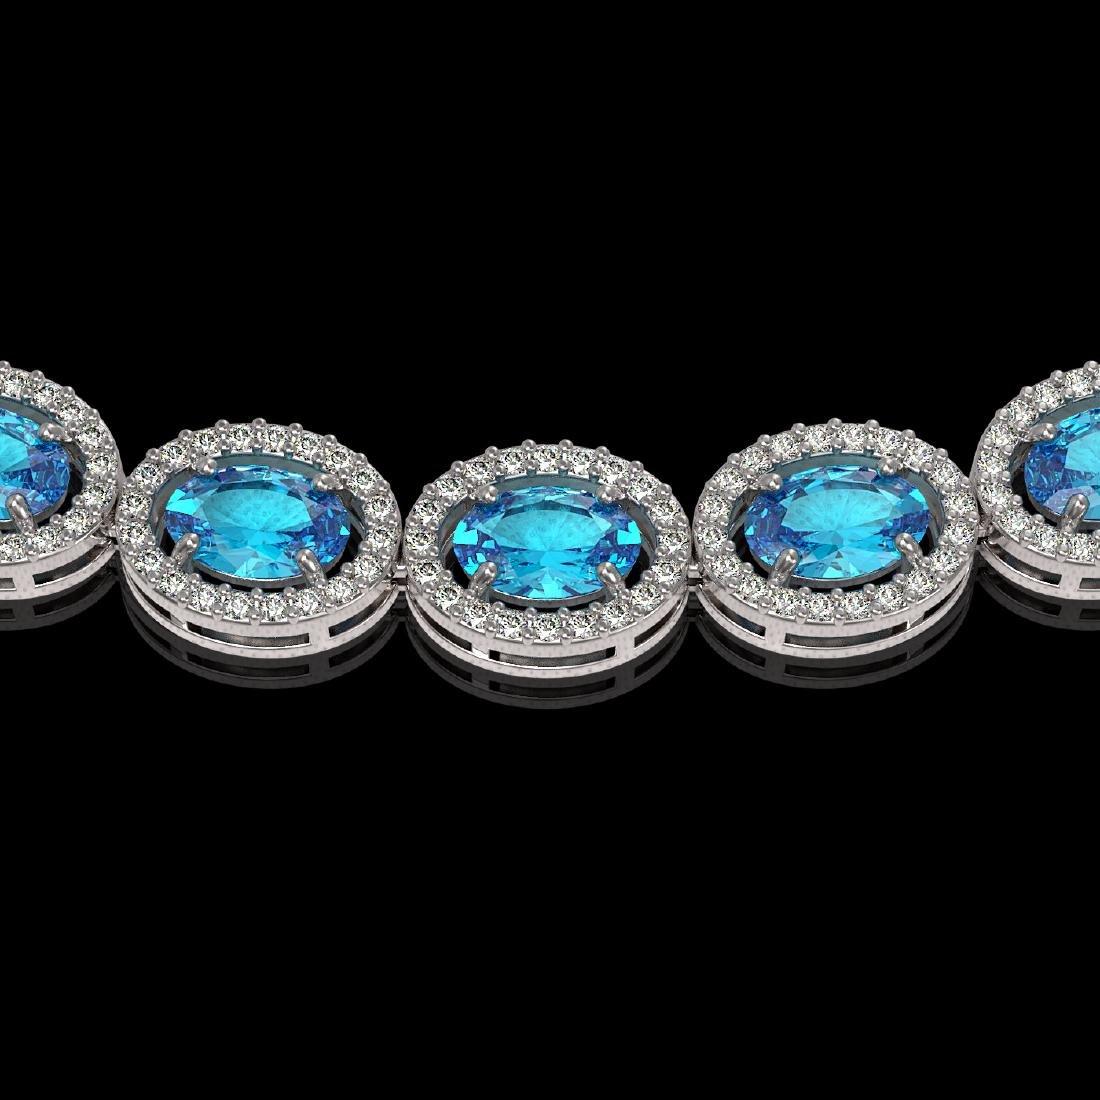 33.25 CTW Swiss Topaz & Diamond Halo Necklace 10K White - 3